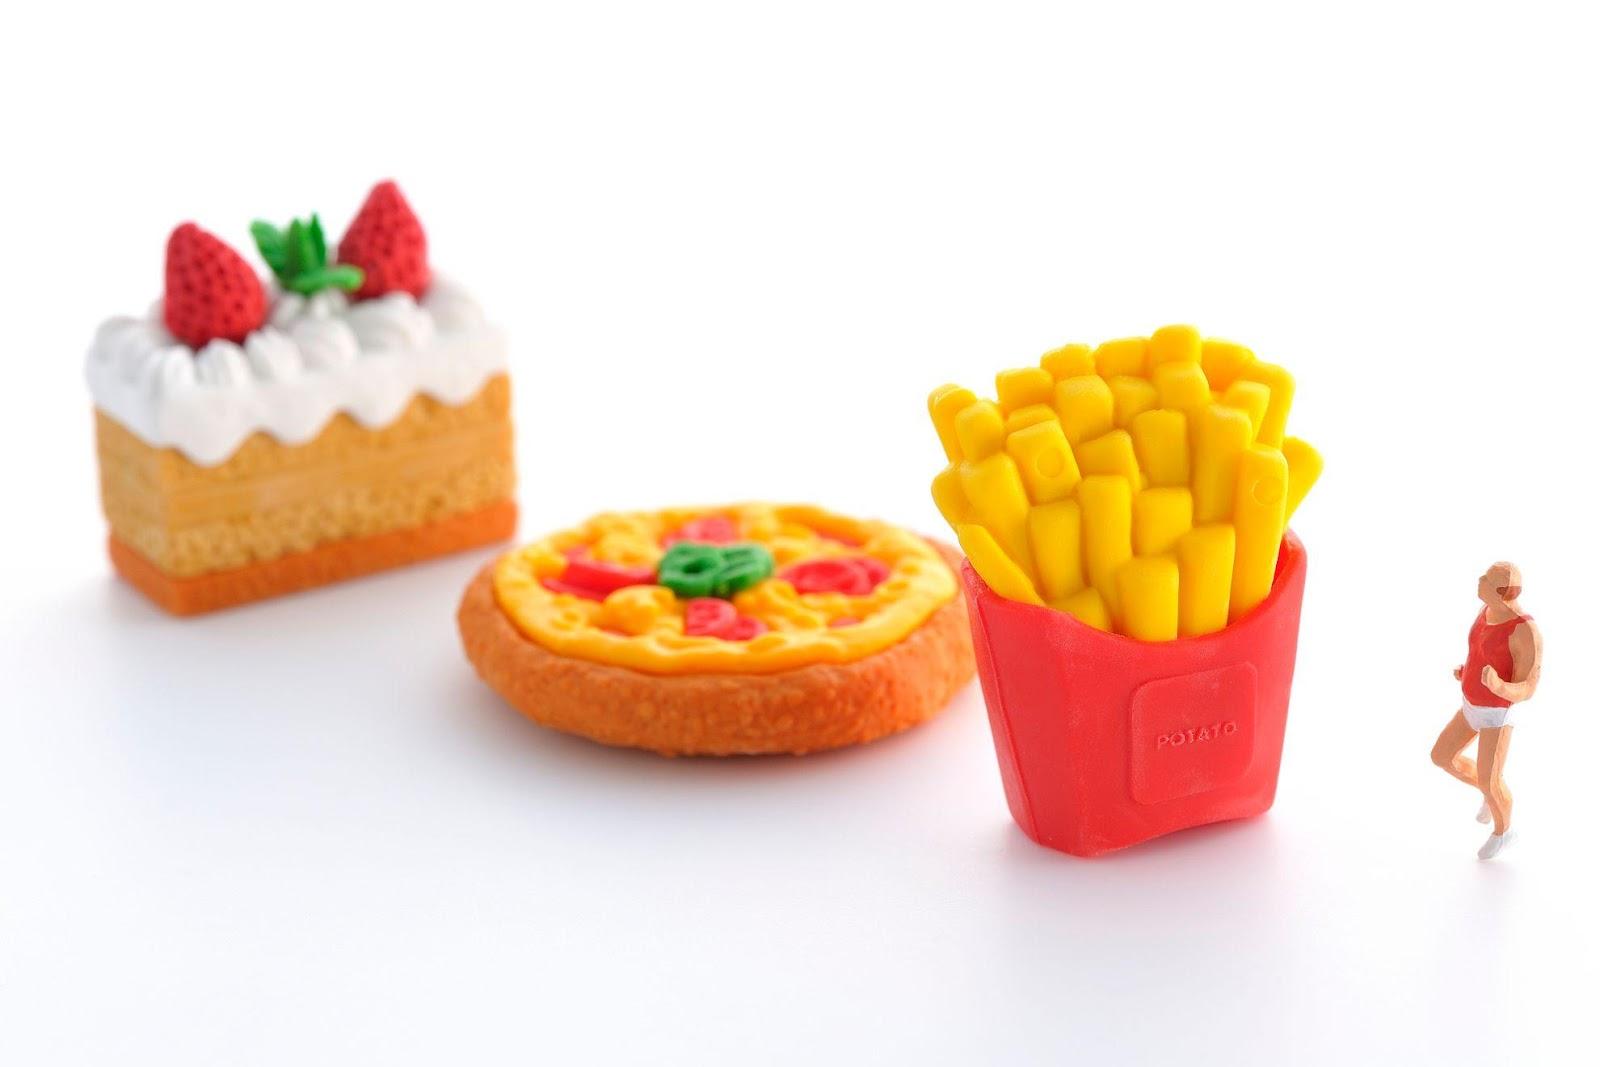 オレンジ色のケーキ  中程度の精度で自動的に生成された説明